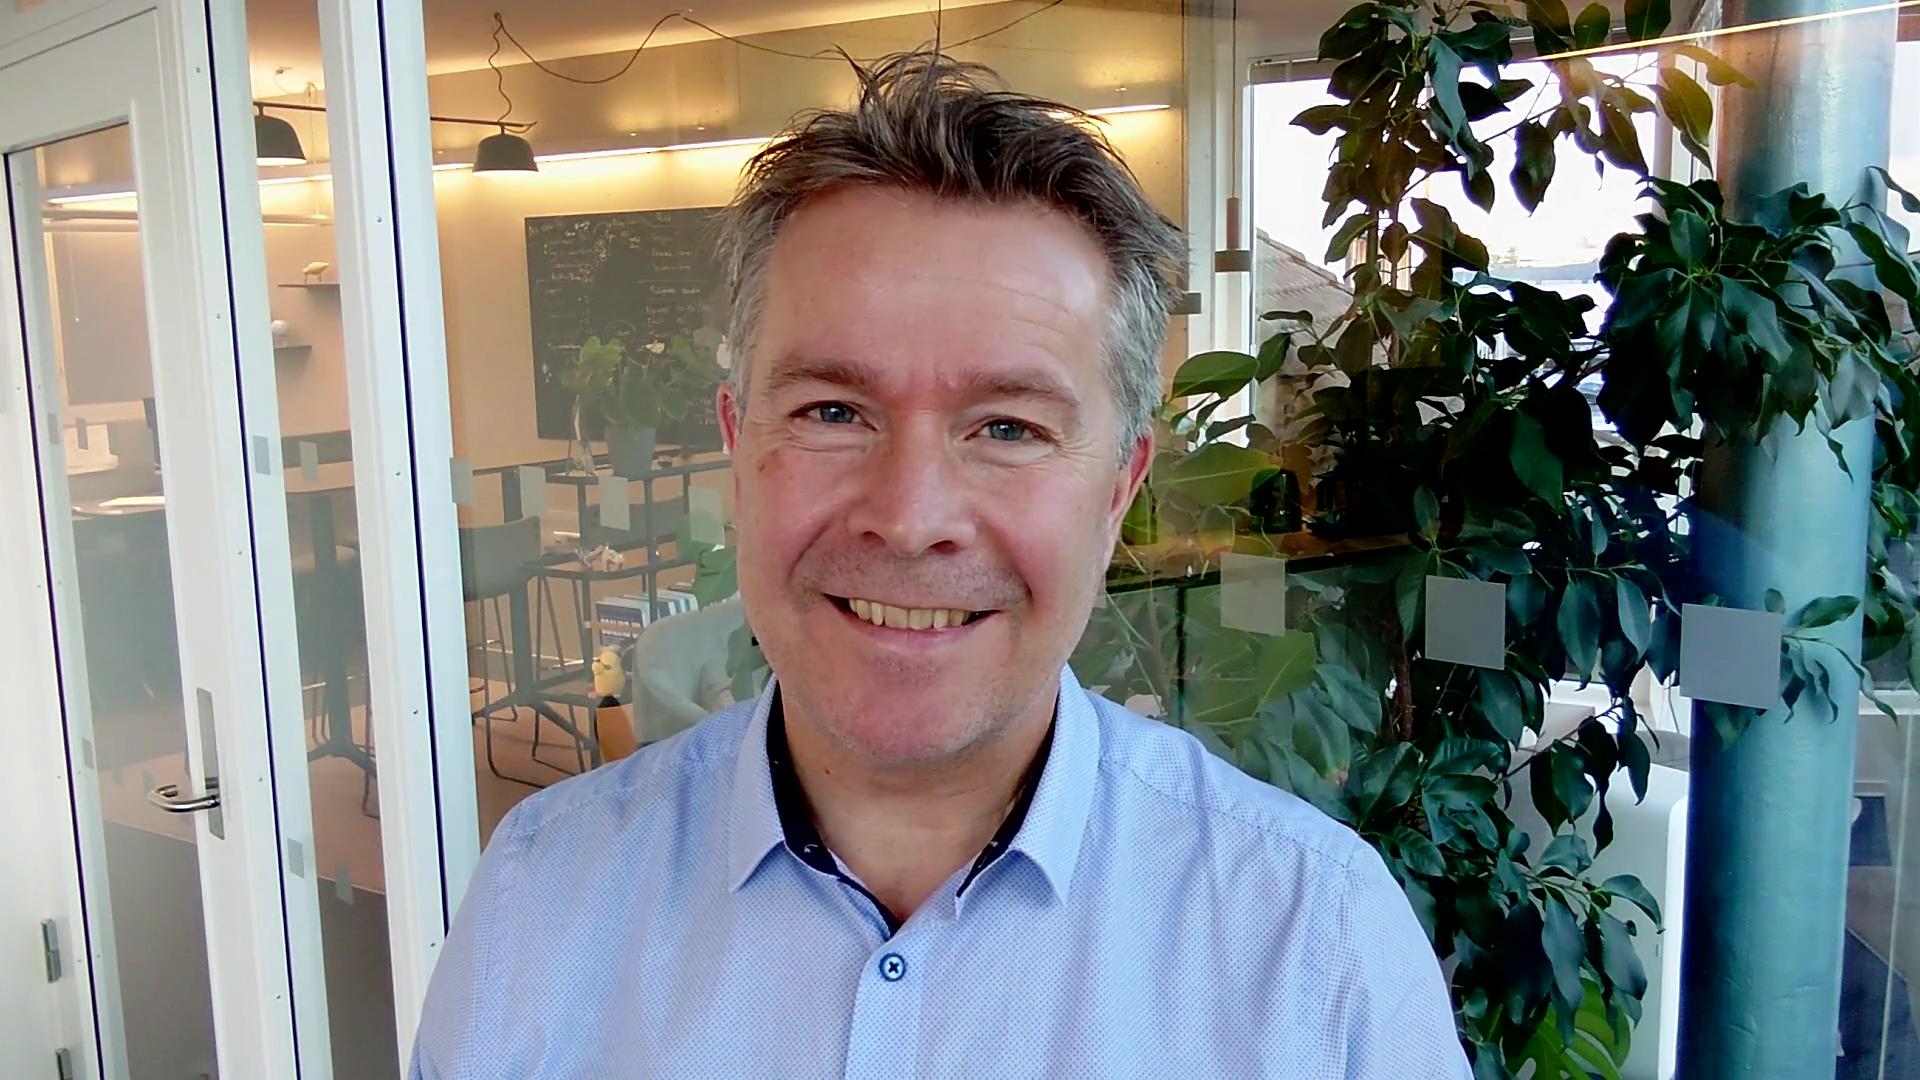 Å gjøre en forskjell - Øyvind Jacobsen